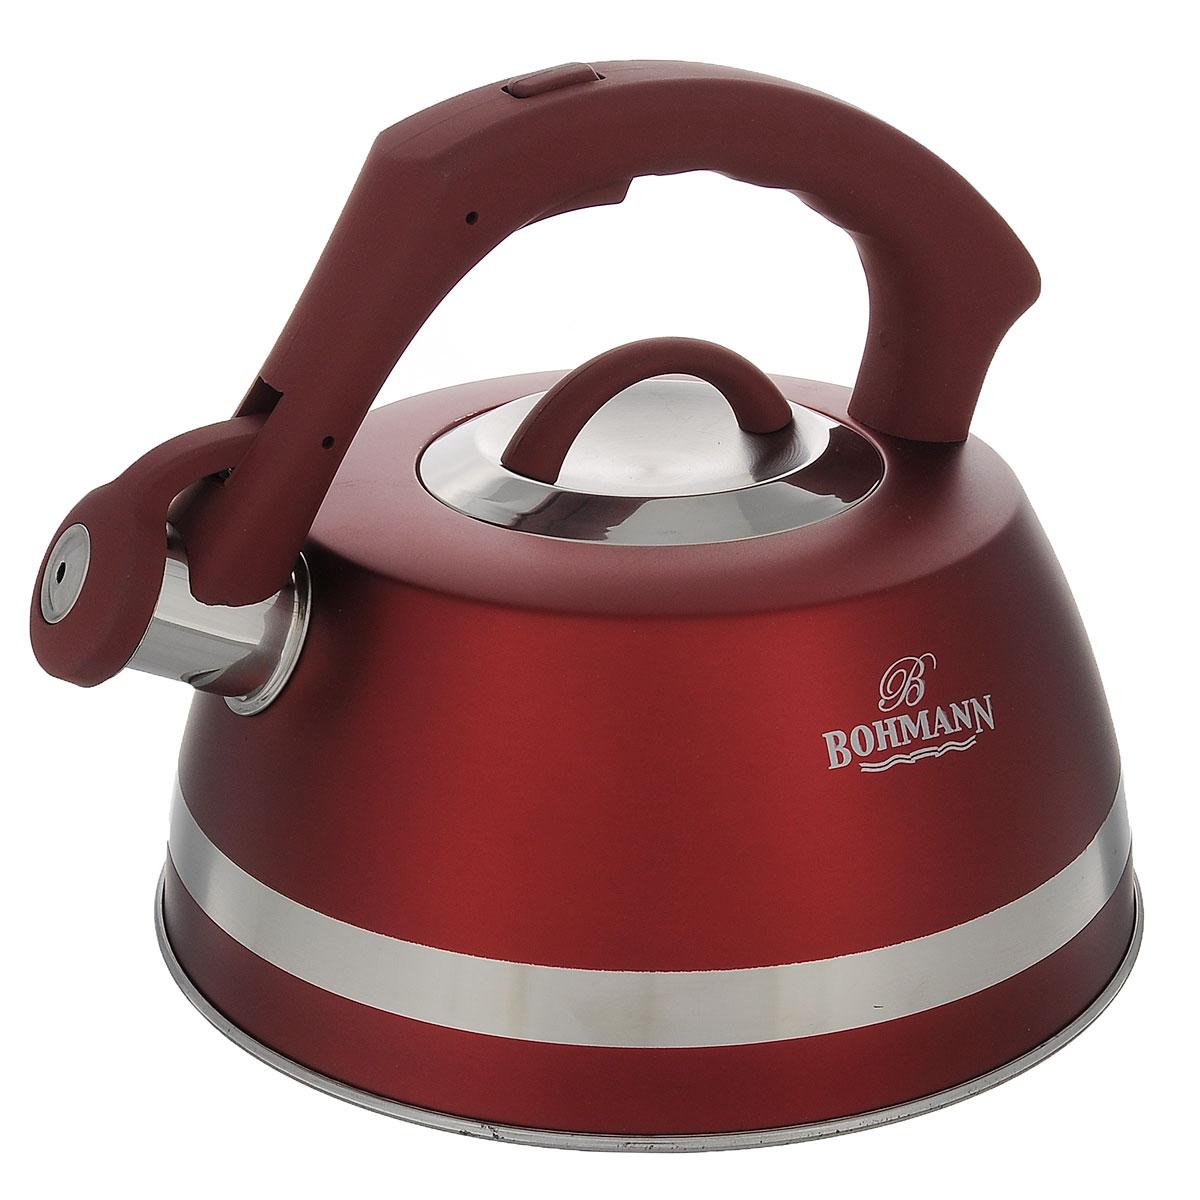 Чайник Bohmann со свистком, цвет: красный, 3,5 л. BH - 9967BH - 9967Чайник Bohmann изготовлен из высококачественной нержавеющей стали с матовым цветным покрытием. Фиксированная ручка изготовлена из бакелита с прорезиненным покрытием. Носик чайника оснащен откидным свистком, звуковой сигнал которого подскажет, когда закипит вода. Свисток открывается нажатием кнопки на ручке. Чайник Bohmann - качественное исполнение и стильное решение для вашей кухни. Подходит для использования на газовых, стеклокерамических, электрических, галогеновых и индукционных плитах. Нельзя мыть в посудомоечной машине.